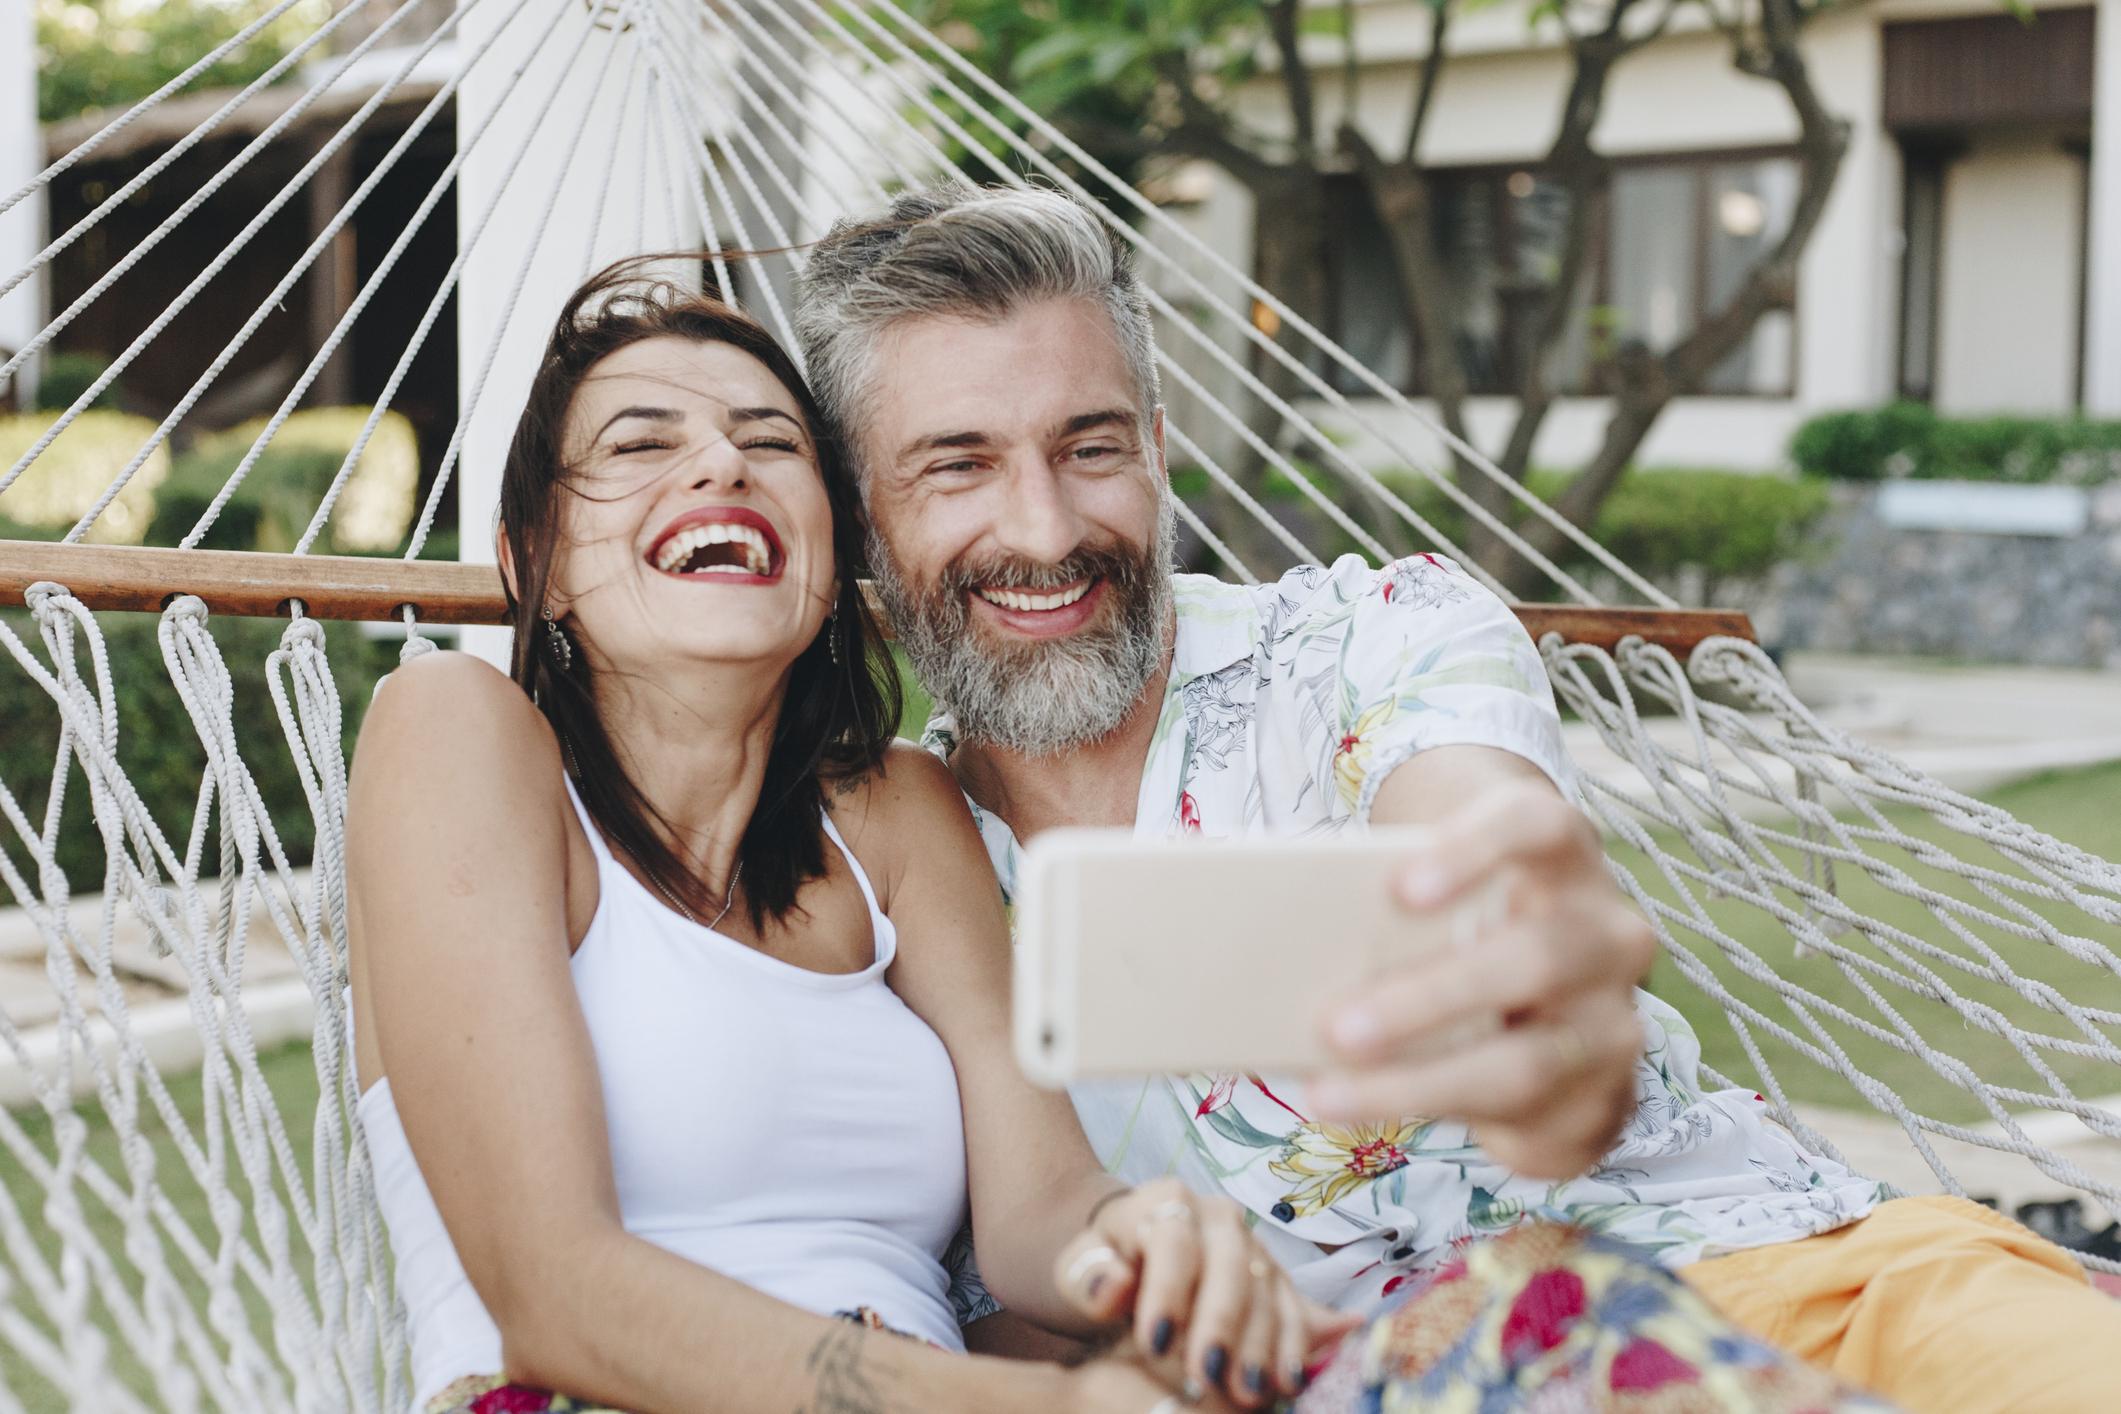 Consejos para mantener unos dientes y encías sanos durante las vacaciones